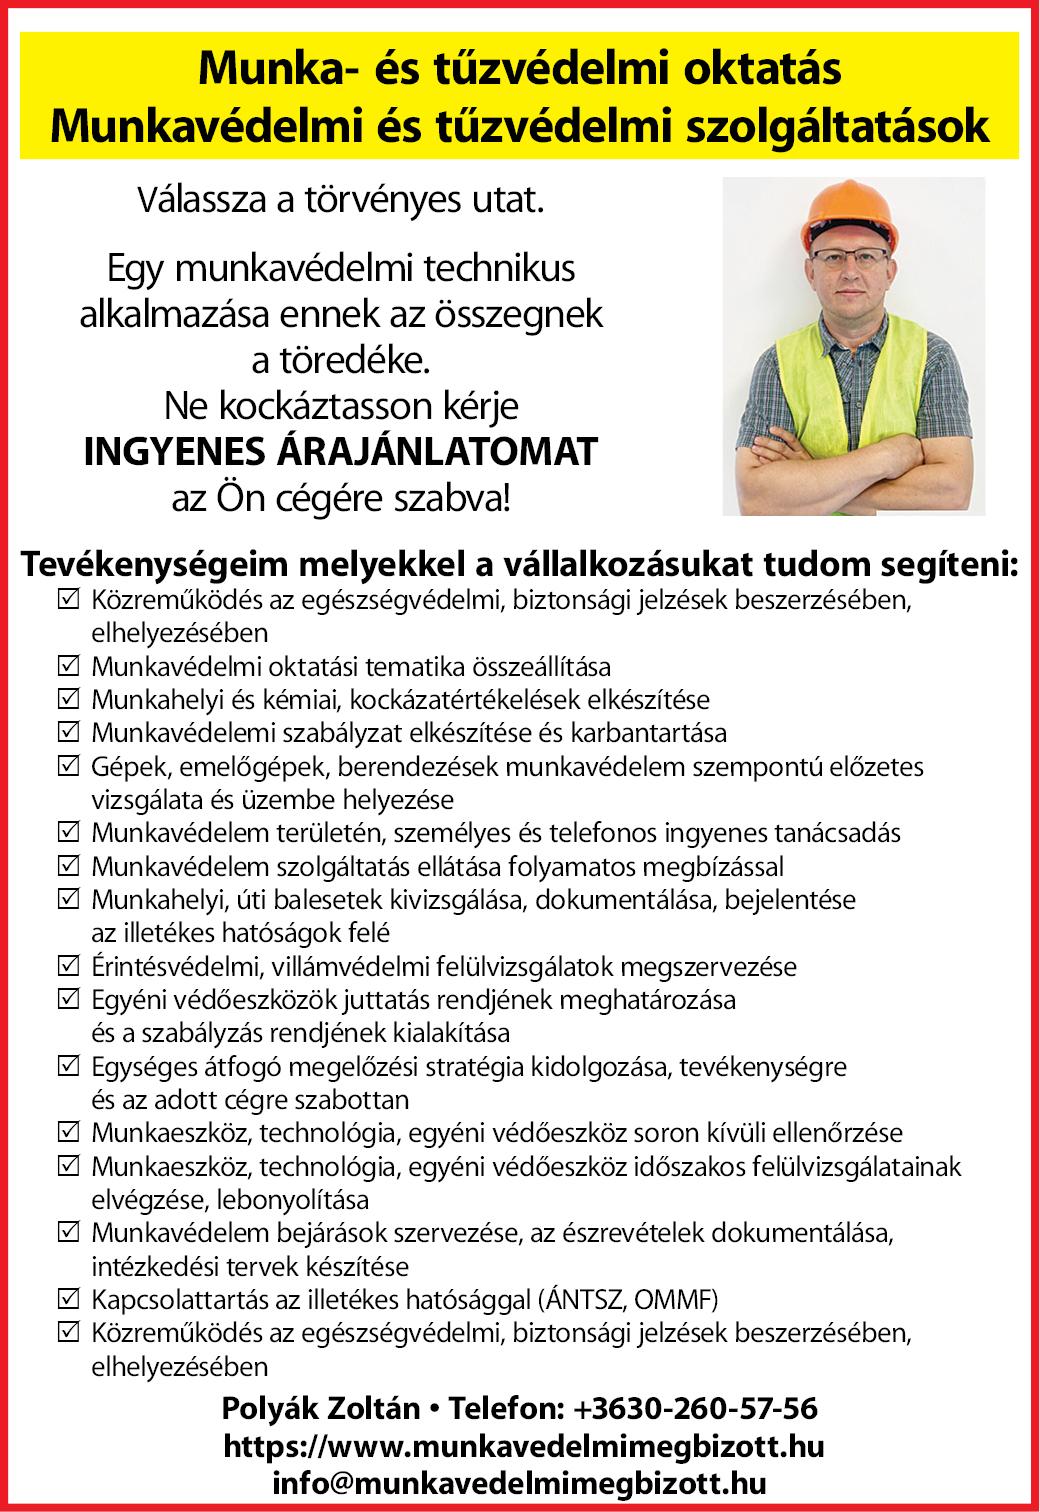 Munka-és tűzvédelmi oktatás Polyák Zoltán